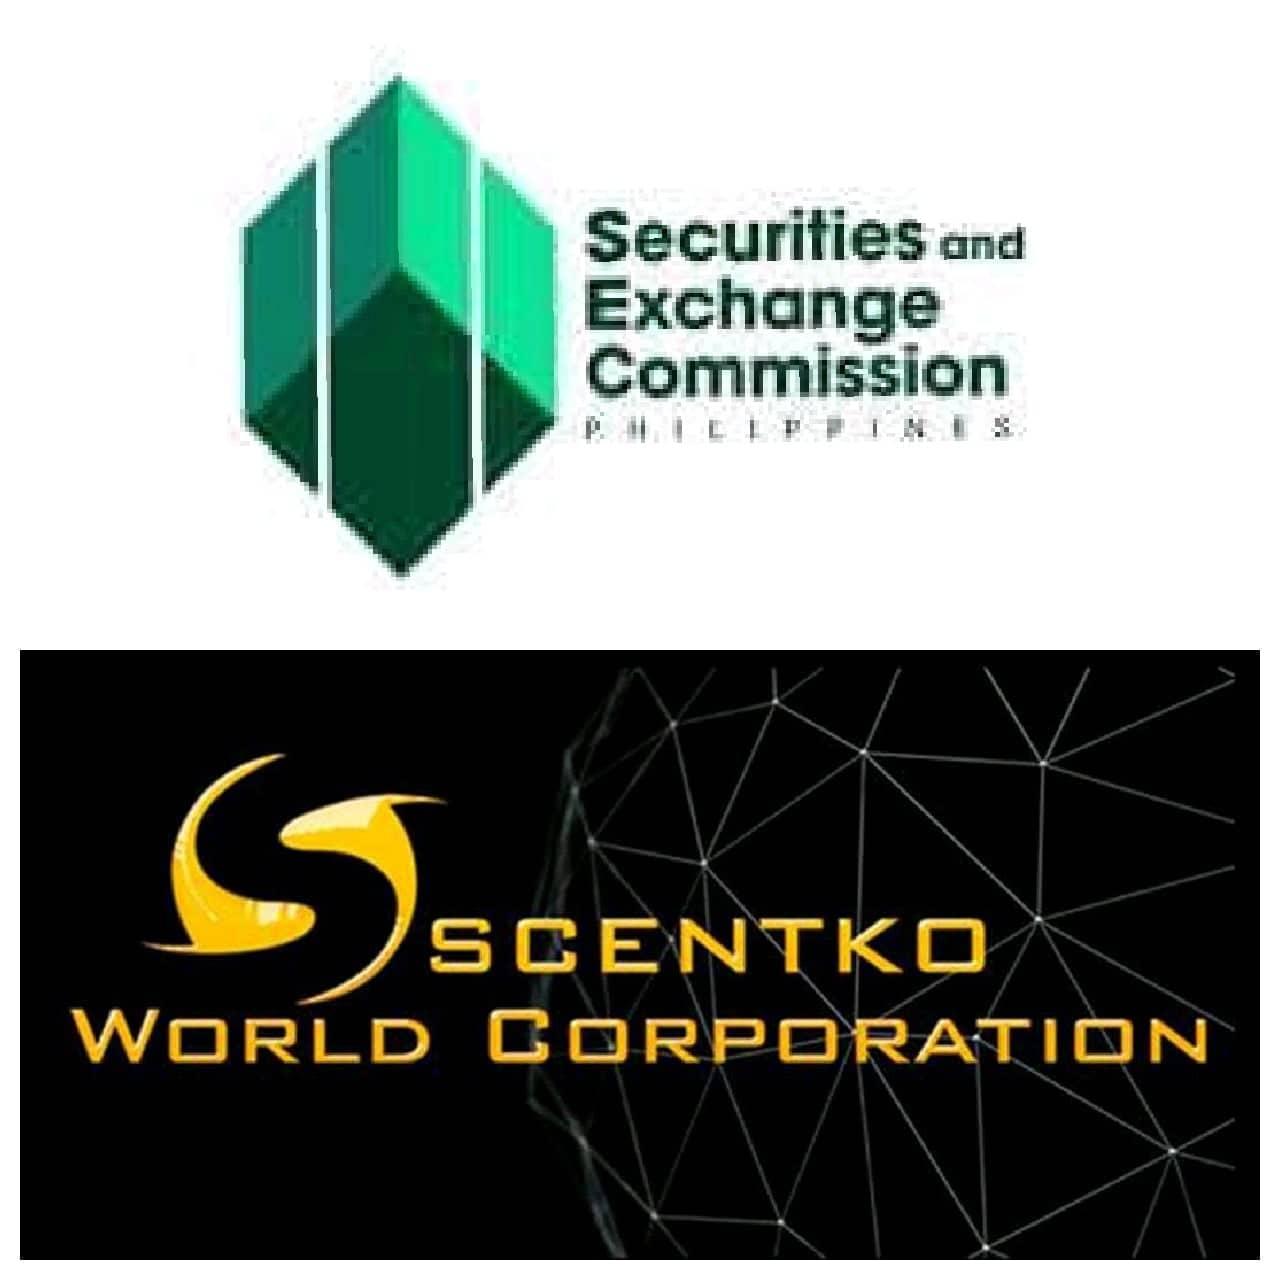 SEC halts Scentkoworld's 'buy and earn' scheme